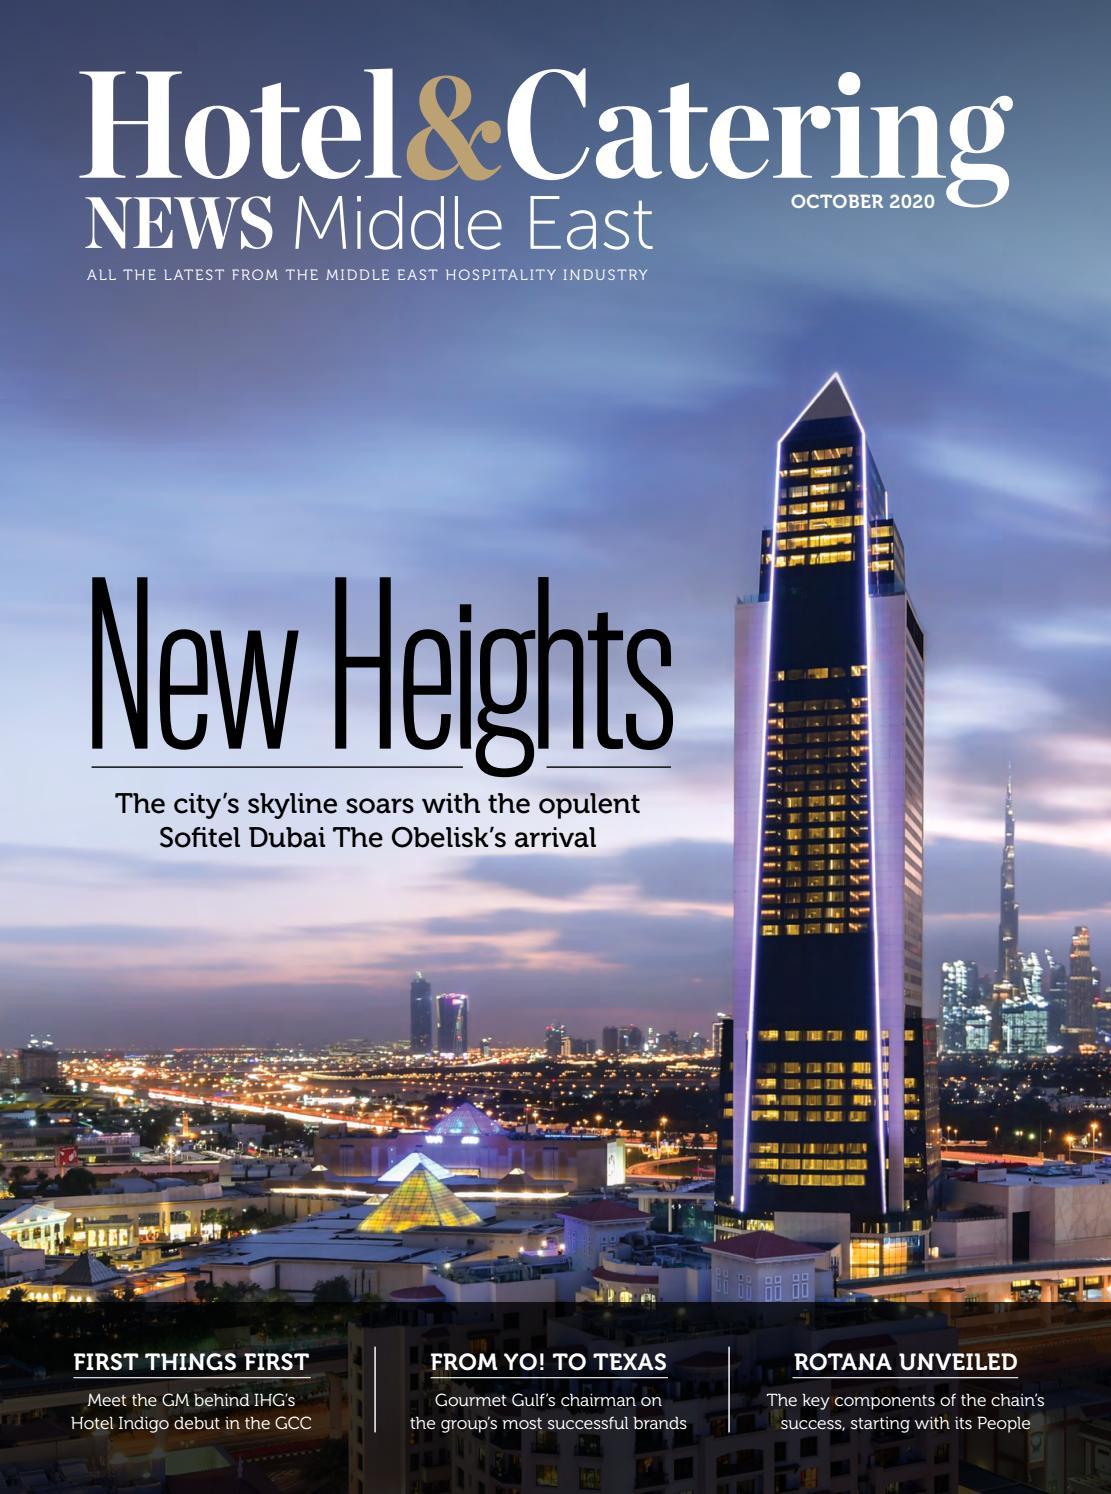 https://www.hotelnewsme.com/digital-magazine/hotel-catering-news-me-october-2020/